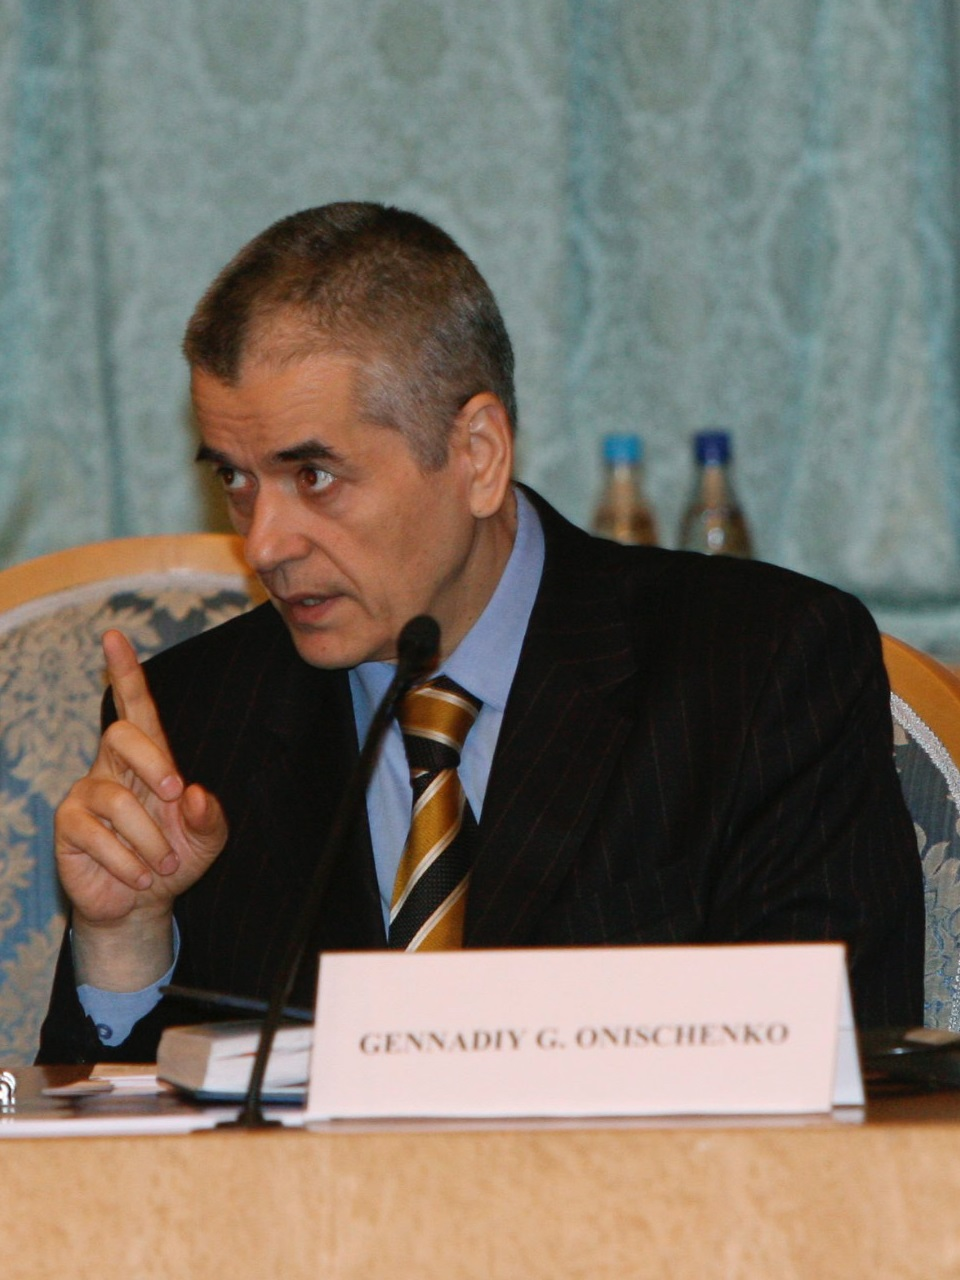 Онищенко, Геннадий Григорьевич — Википедия